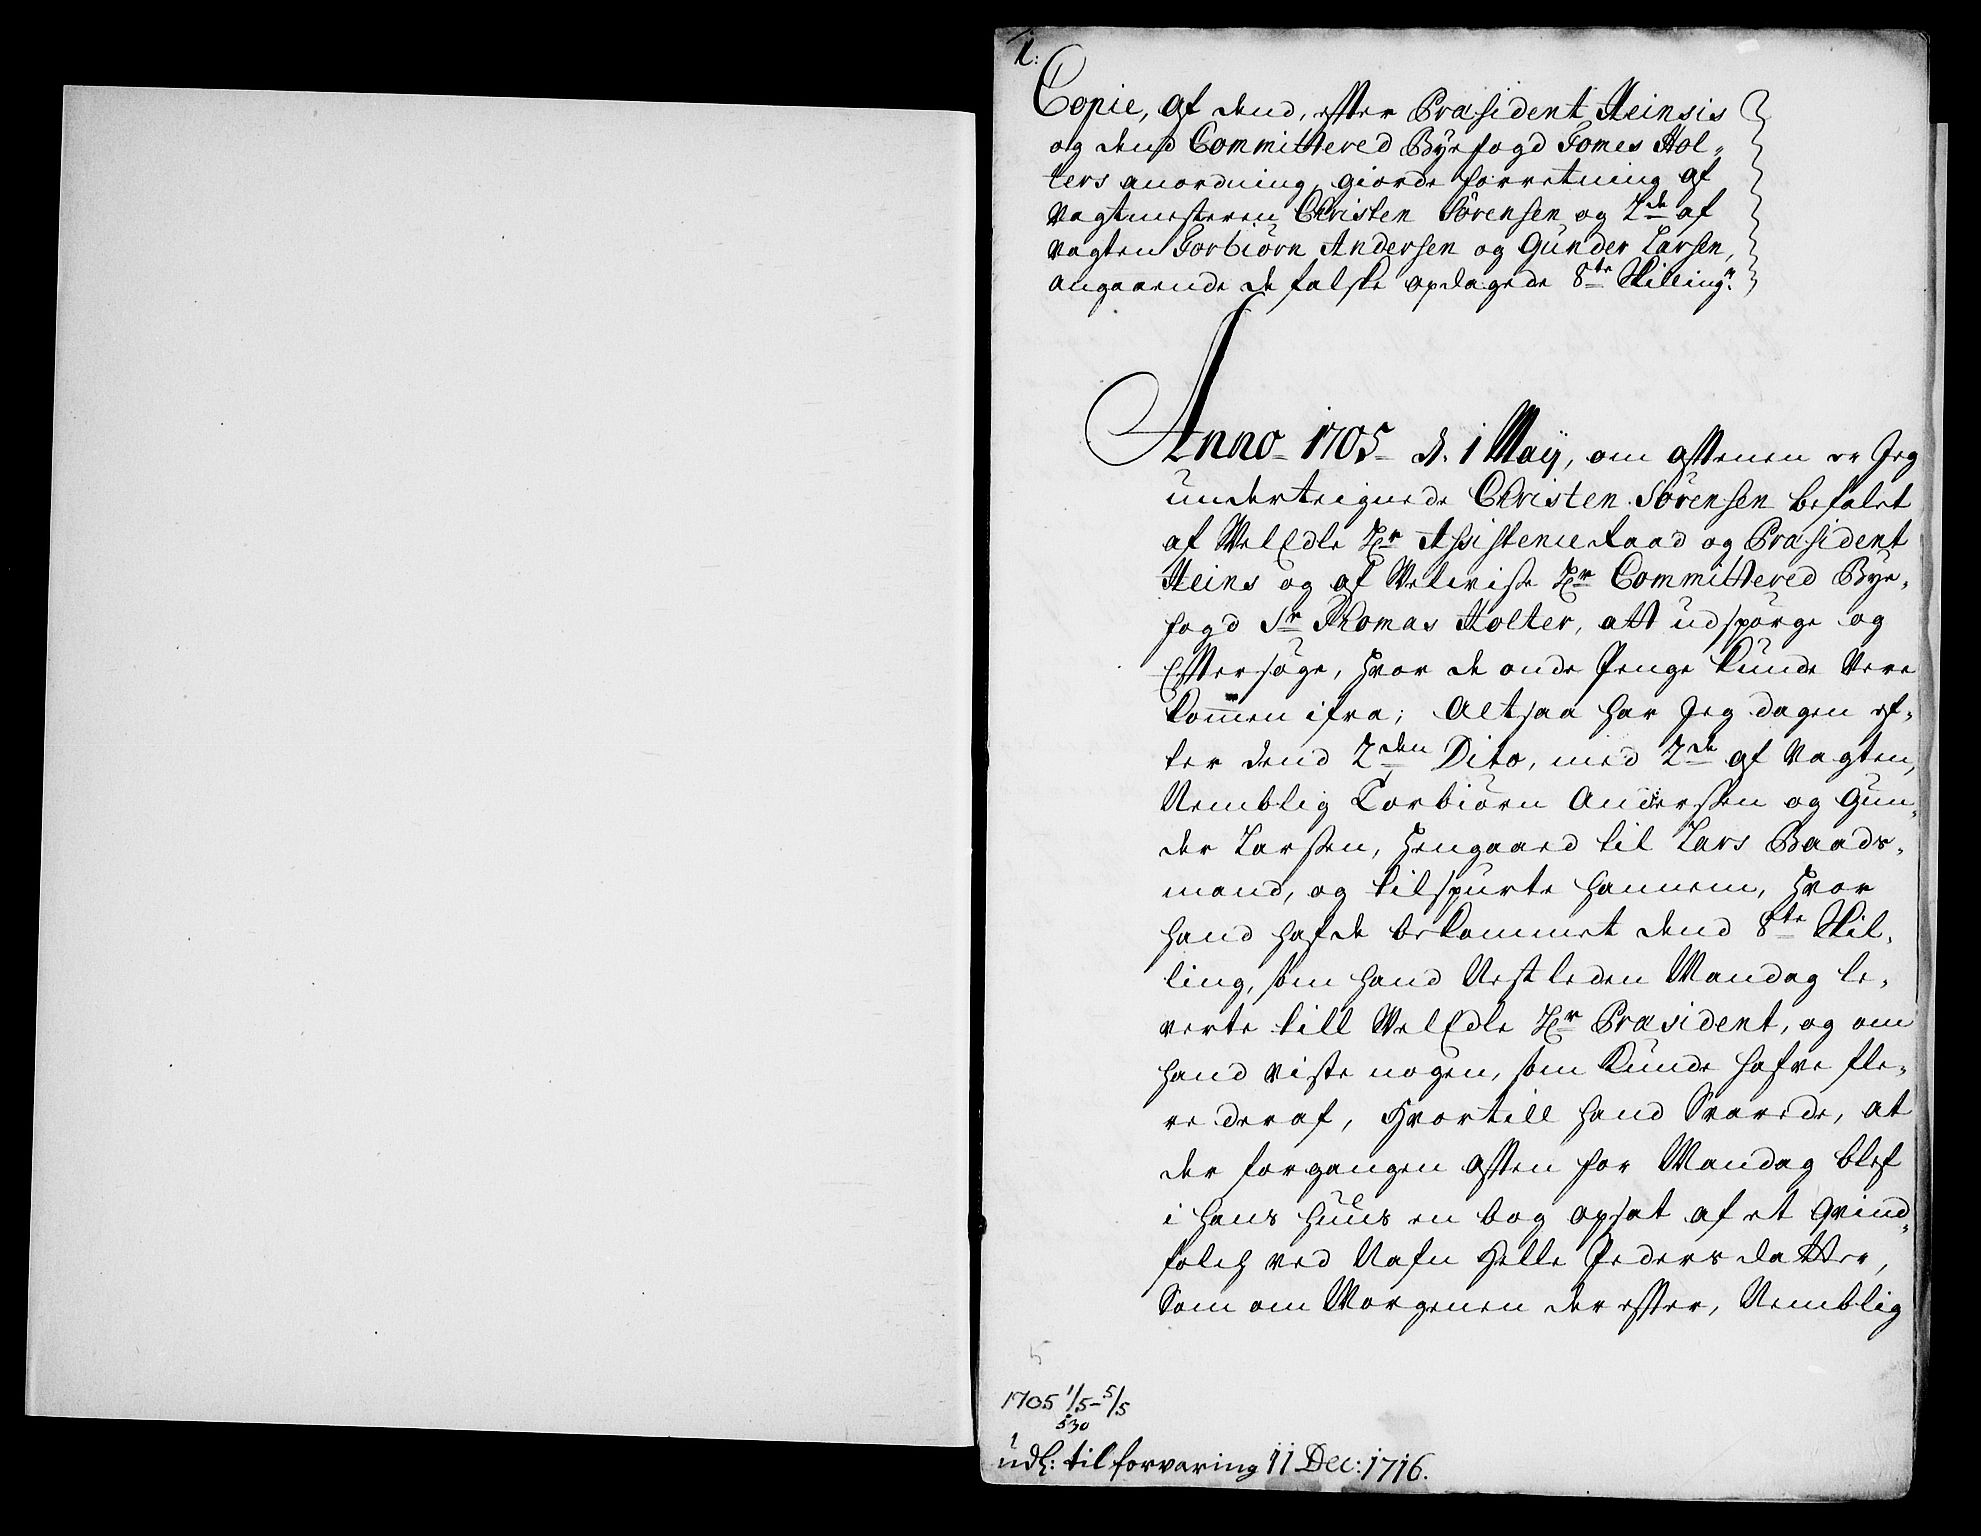 RA, Danske Kanselli, Skapsaker, G/L0019: Tillegg til skapsakene, 1616-1753, s. 331